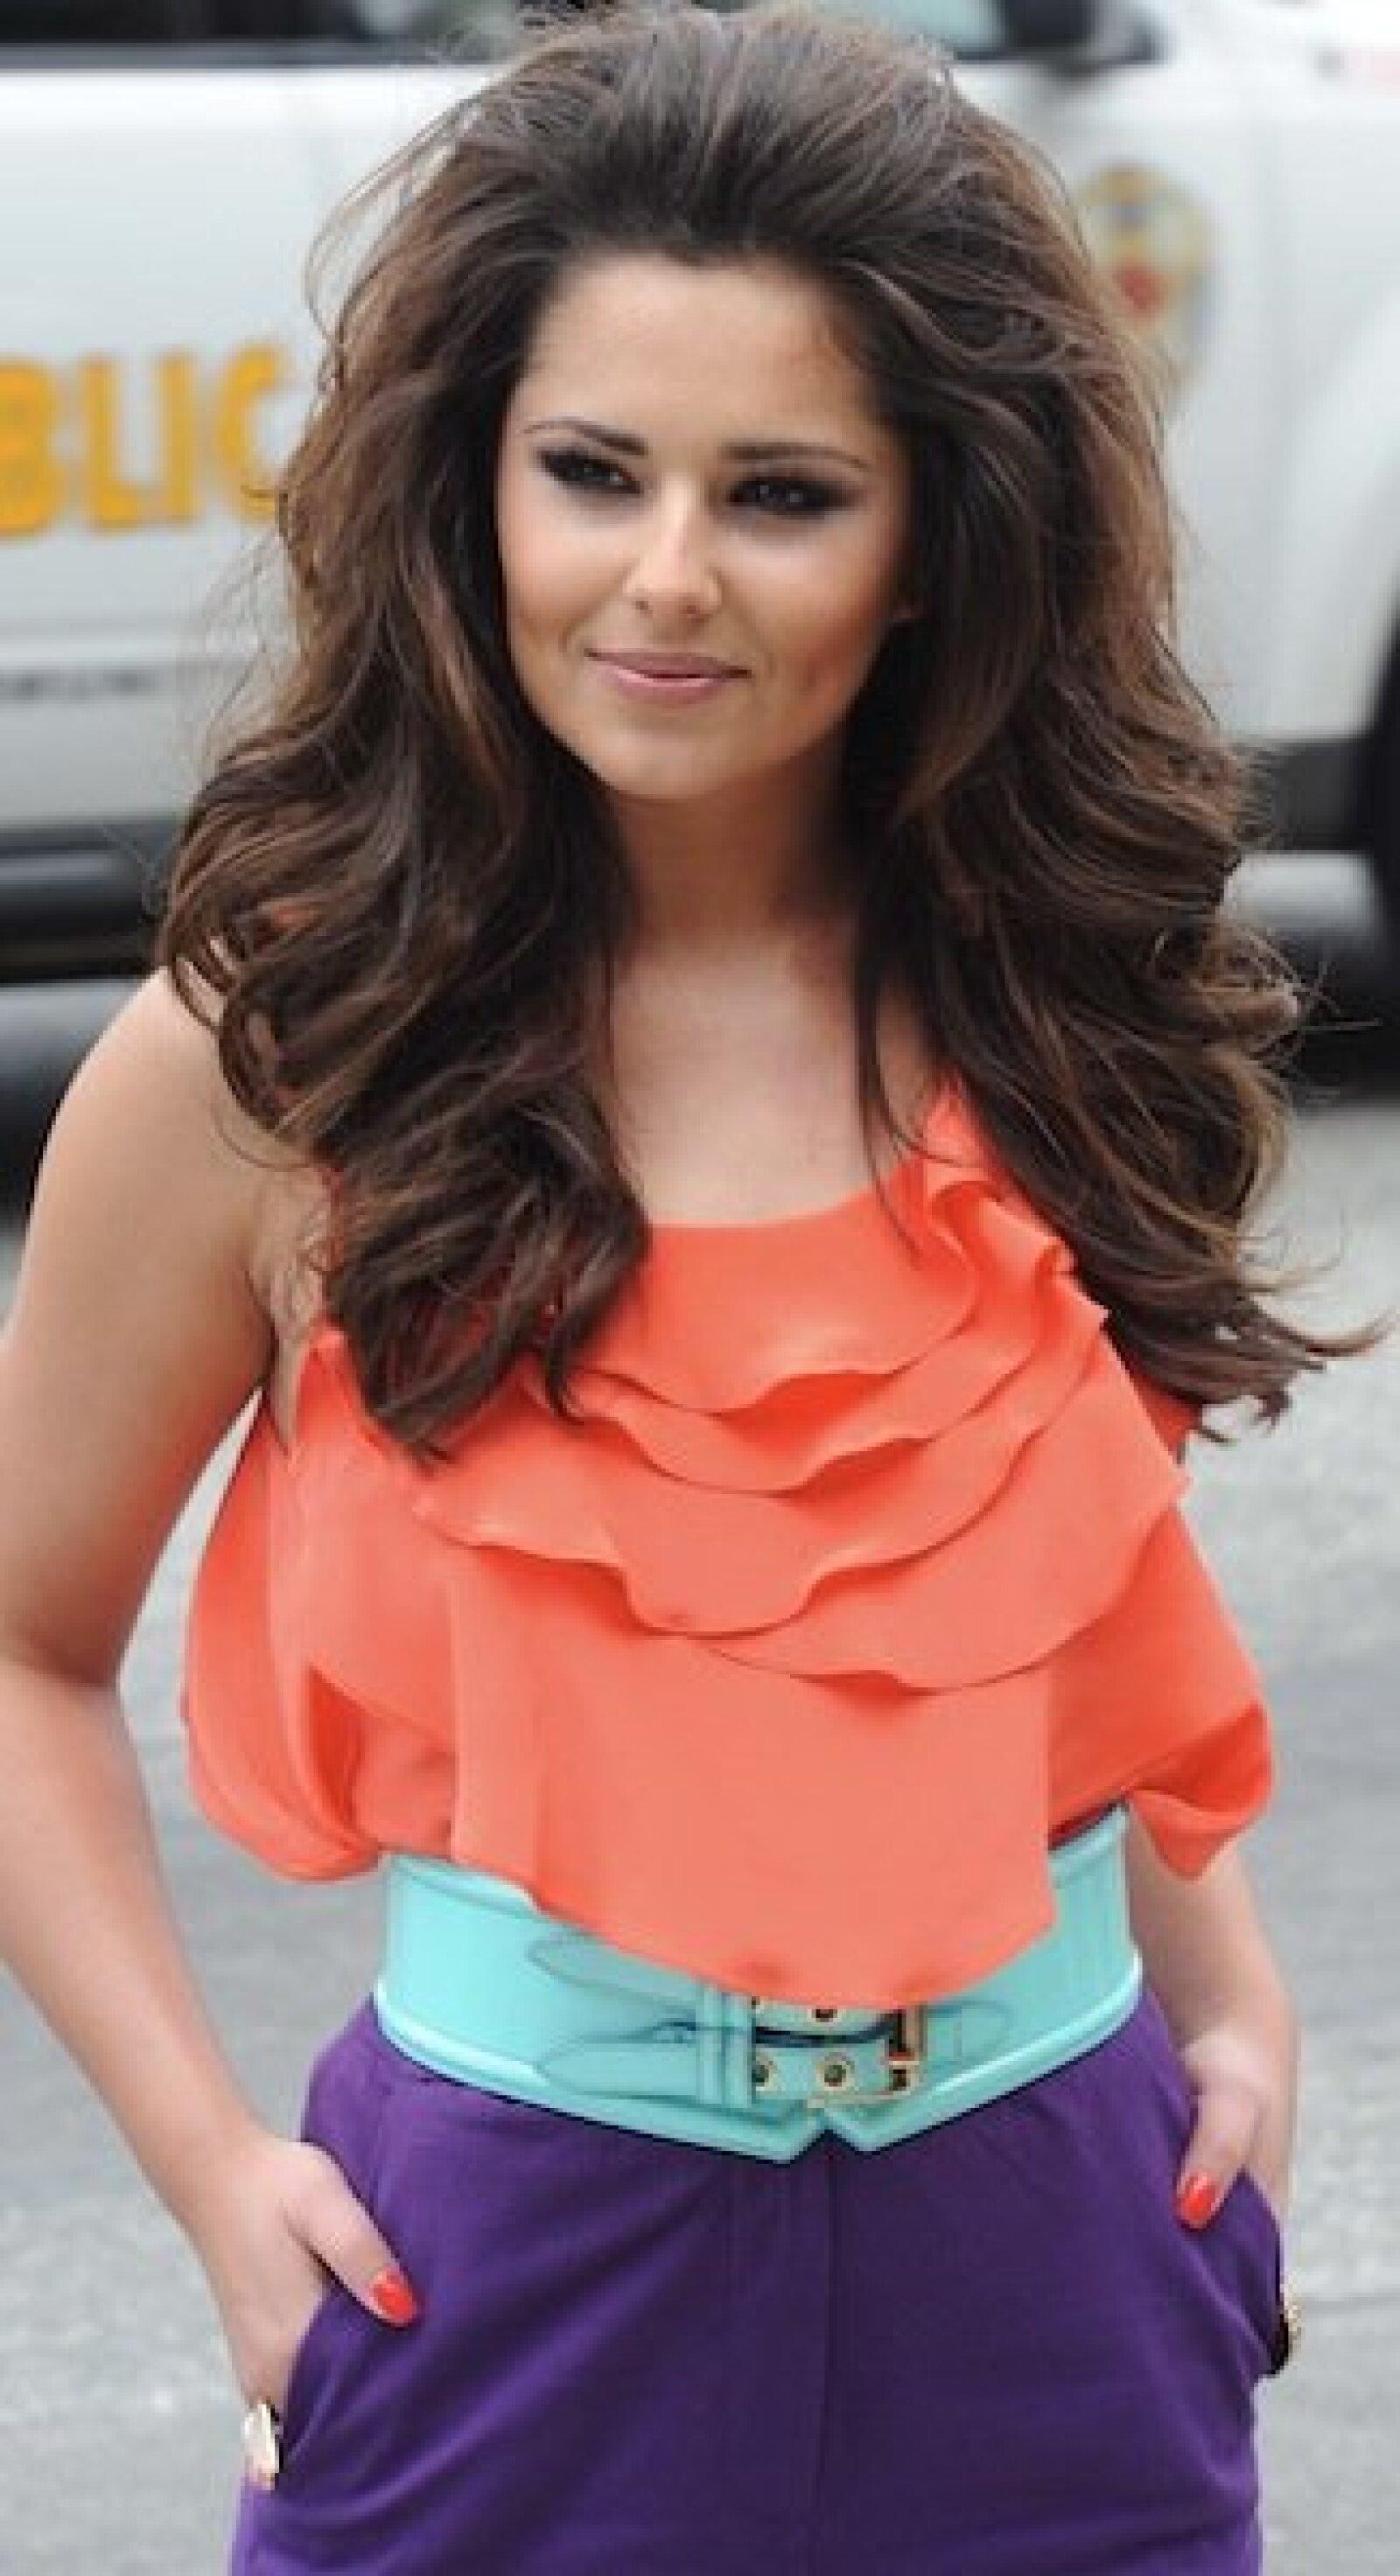 La cantante británica Cheryl Cole.